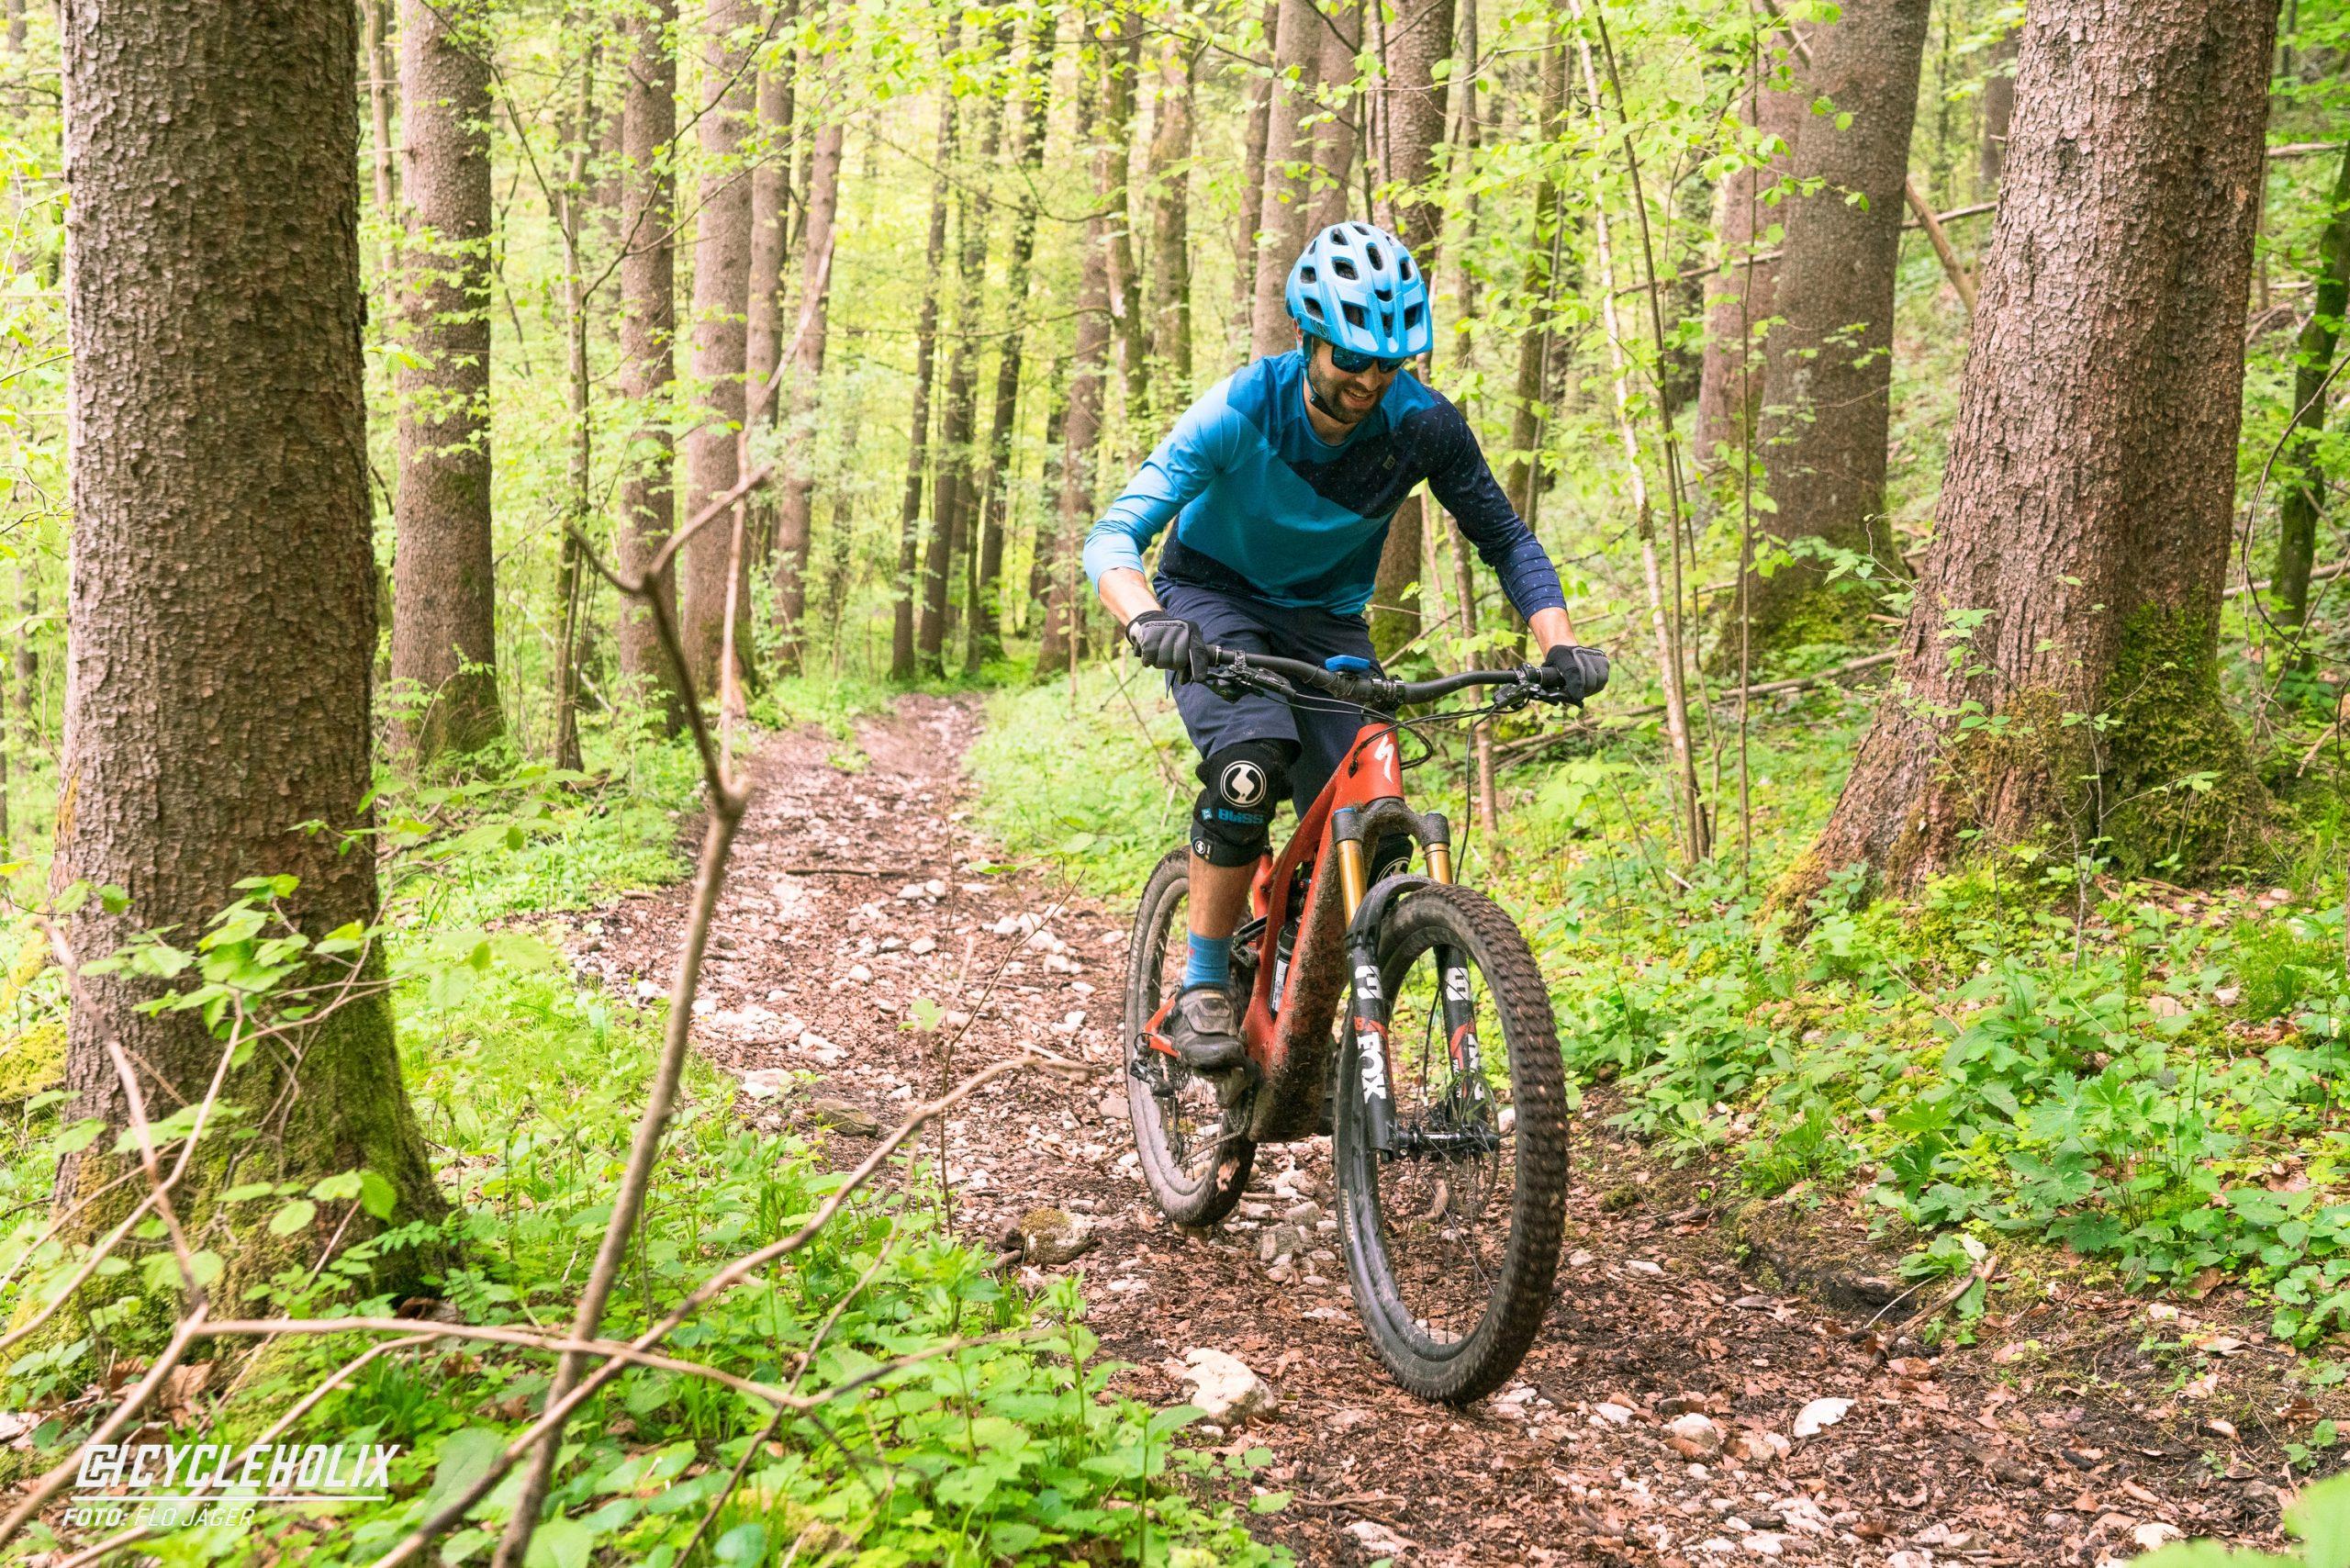 SpecializedTurboLevo Action 13 scaled Cycleholix